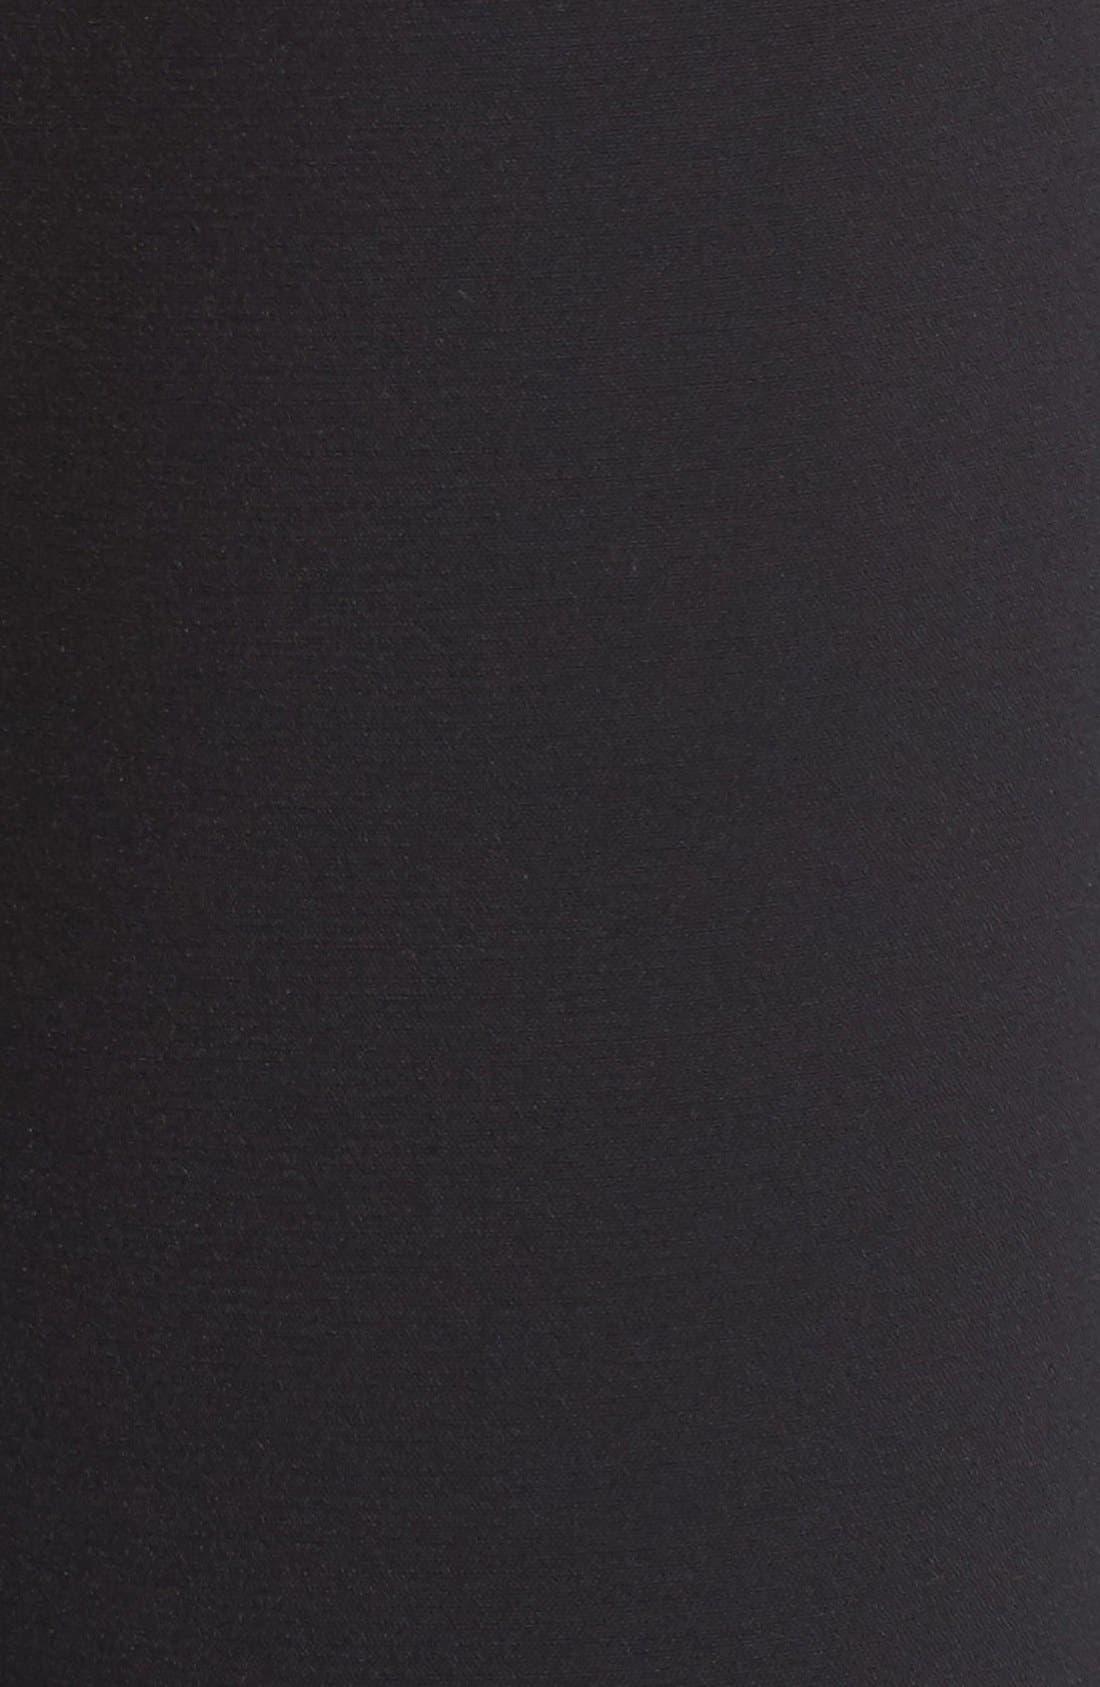 Devon Culottes,                             Alternate thumbnail 4, color,                             BLACK